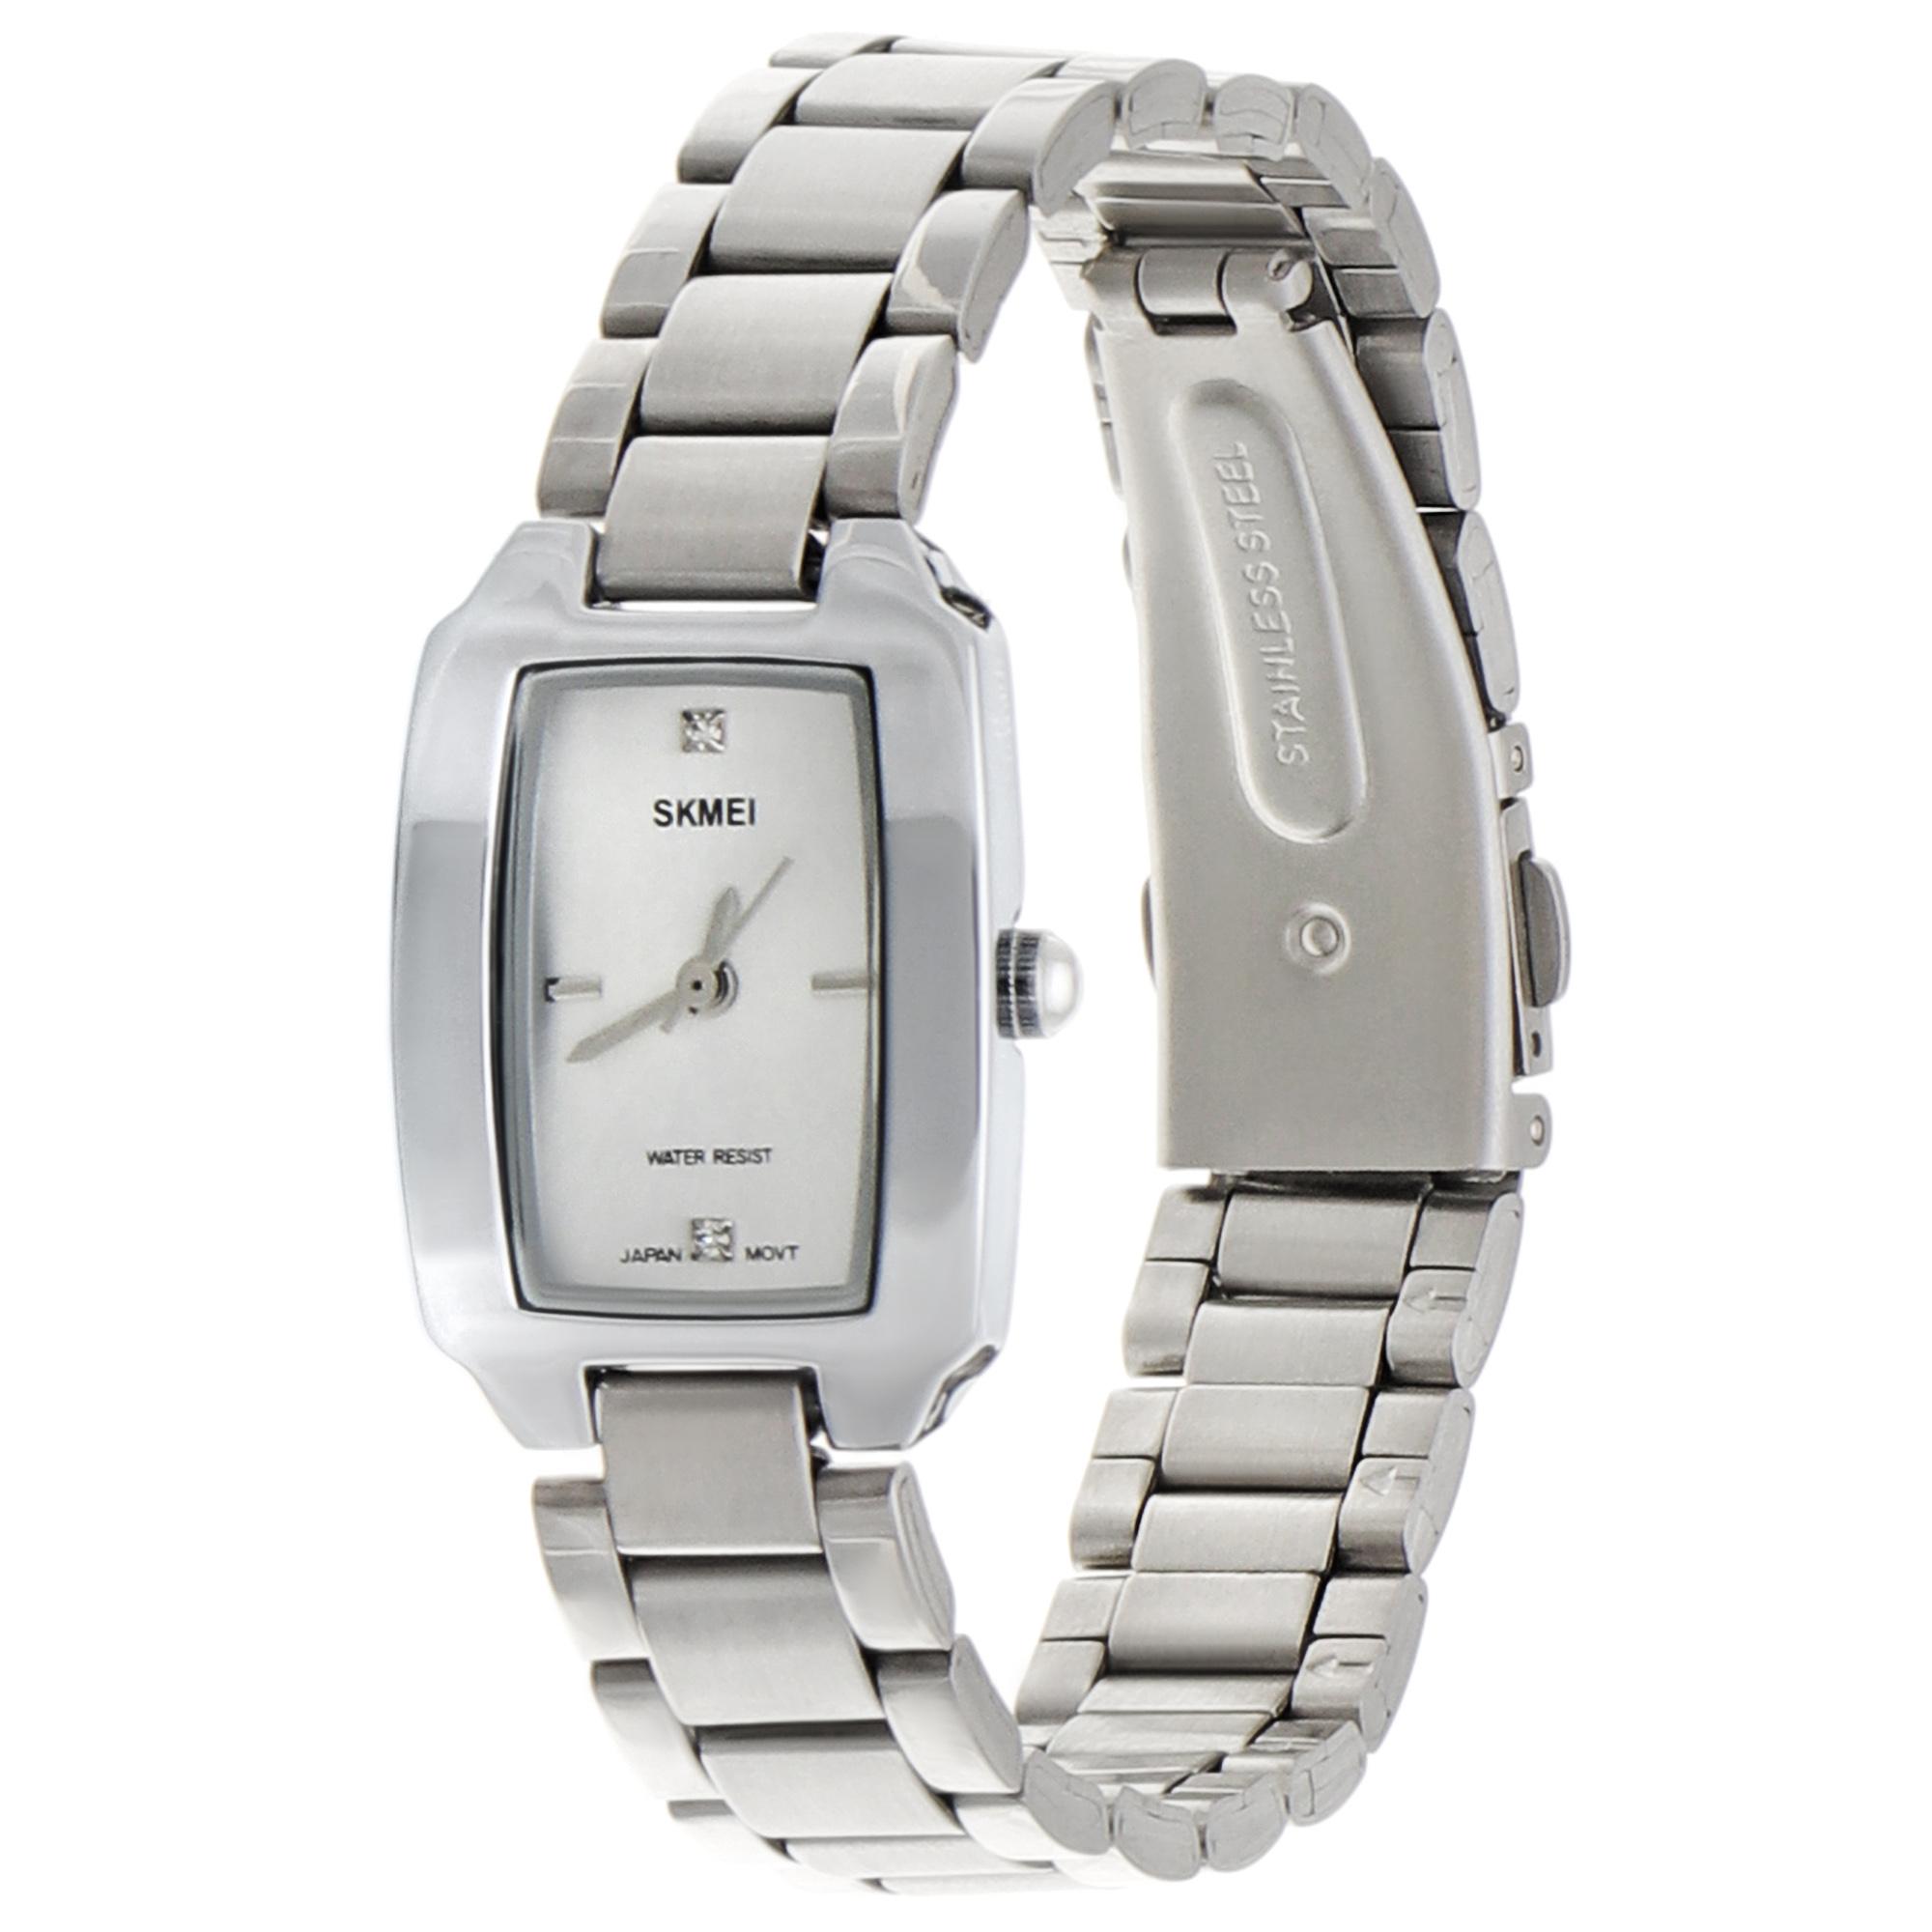 Часы наручные SKMEI SKMD7519 часы наручные shiyi watch skmei skmb041902g